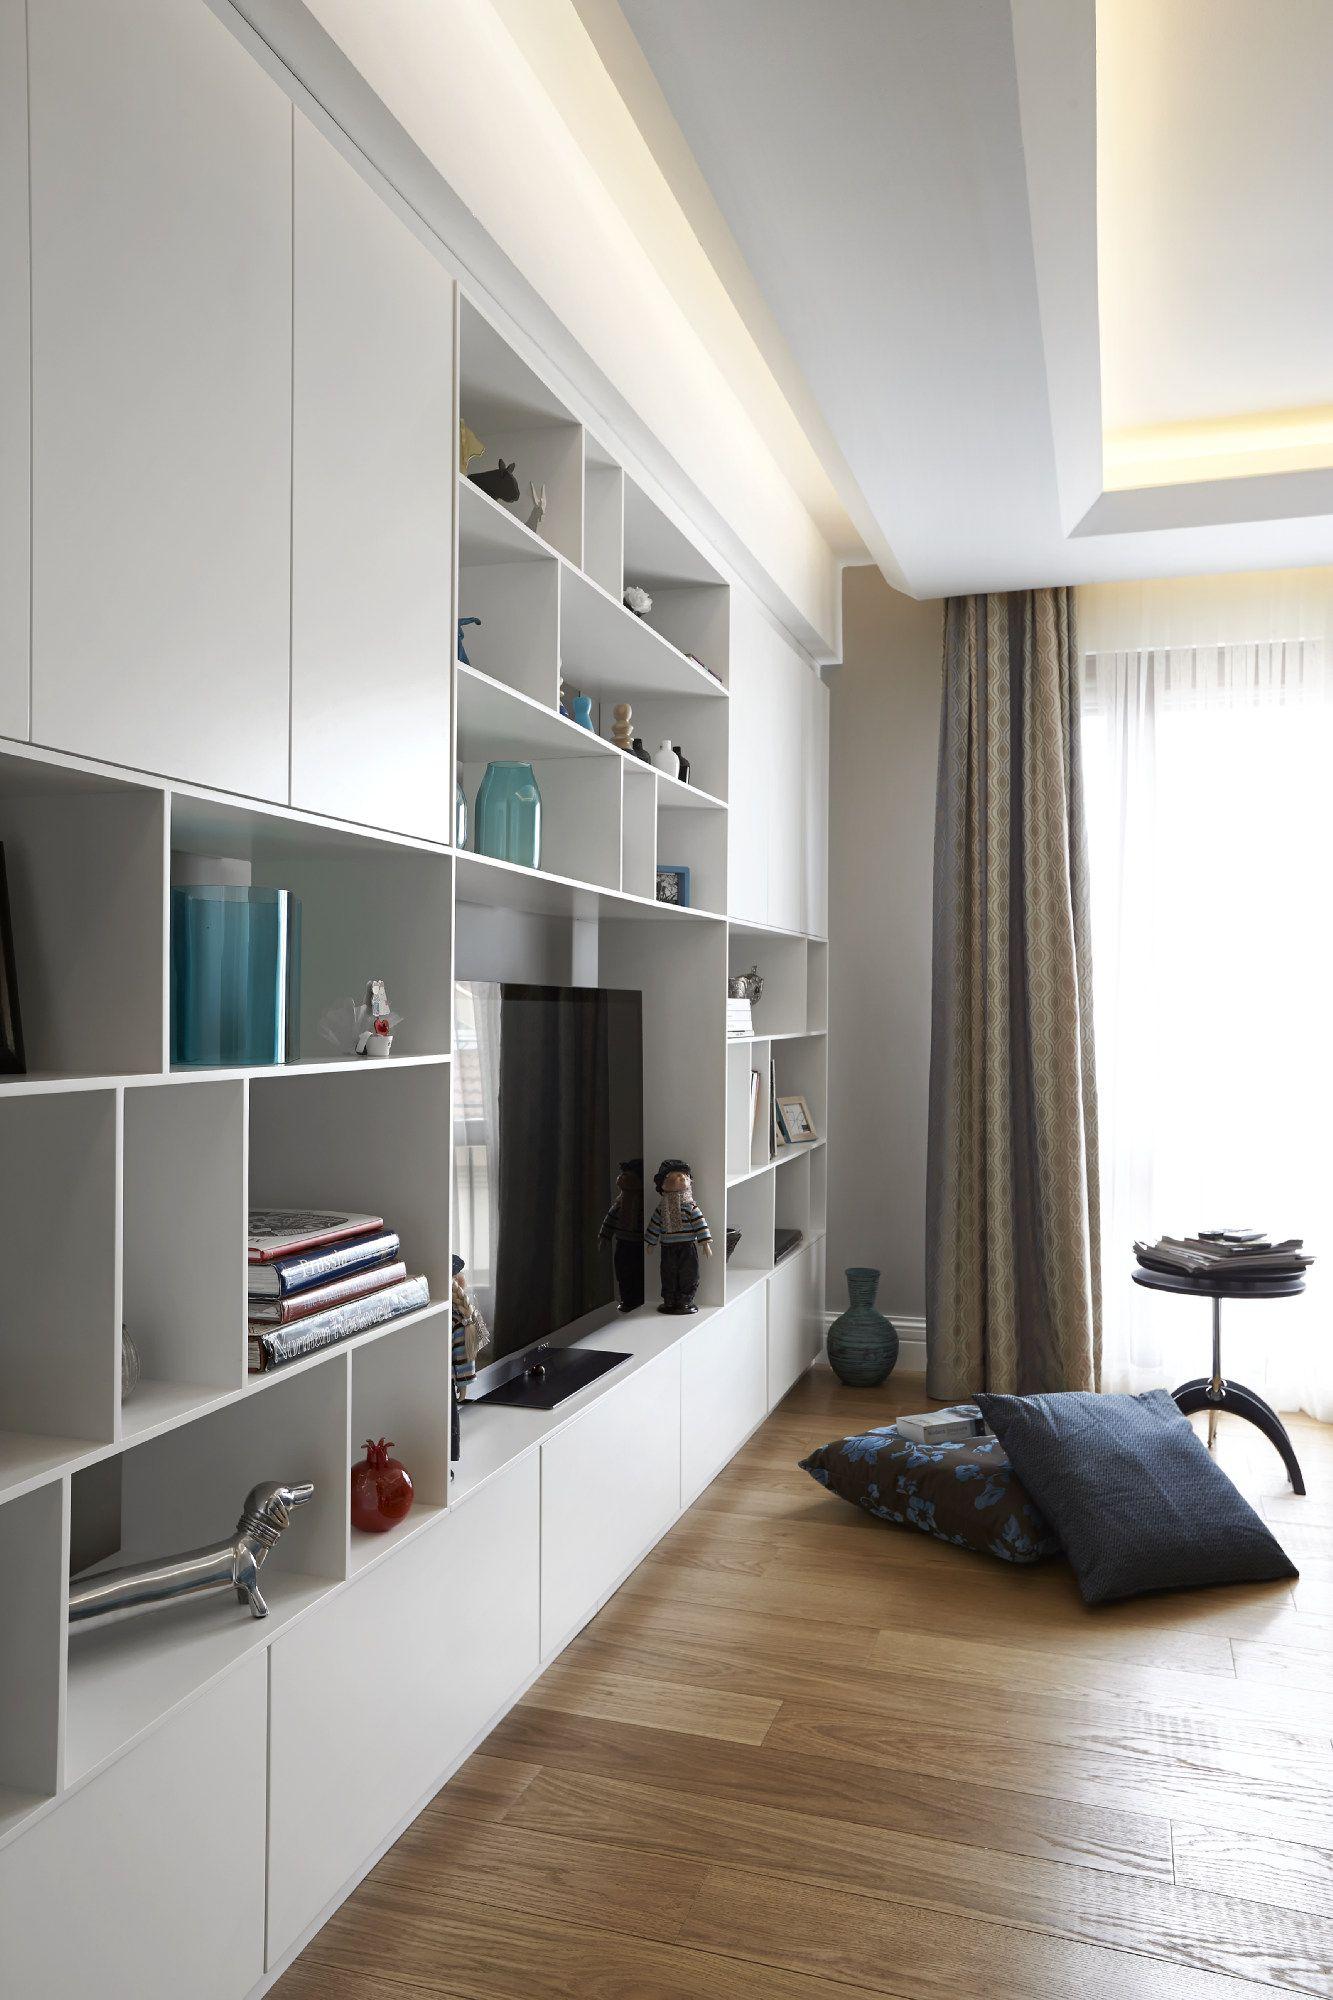 Interior Design Tv Room: Tv Room - House Interior - Onur Koksal